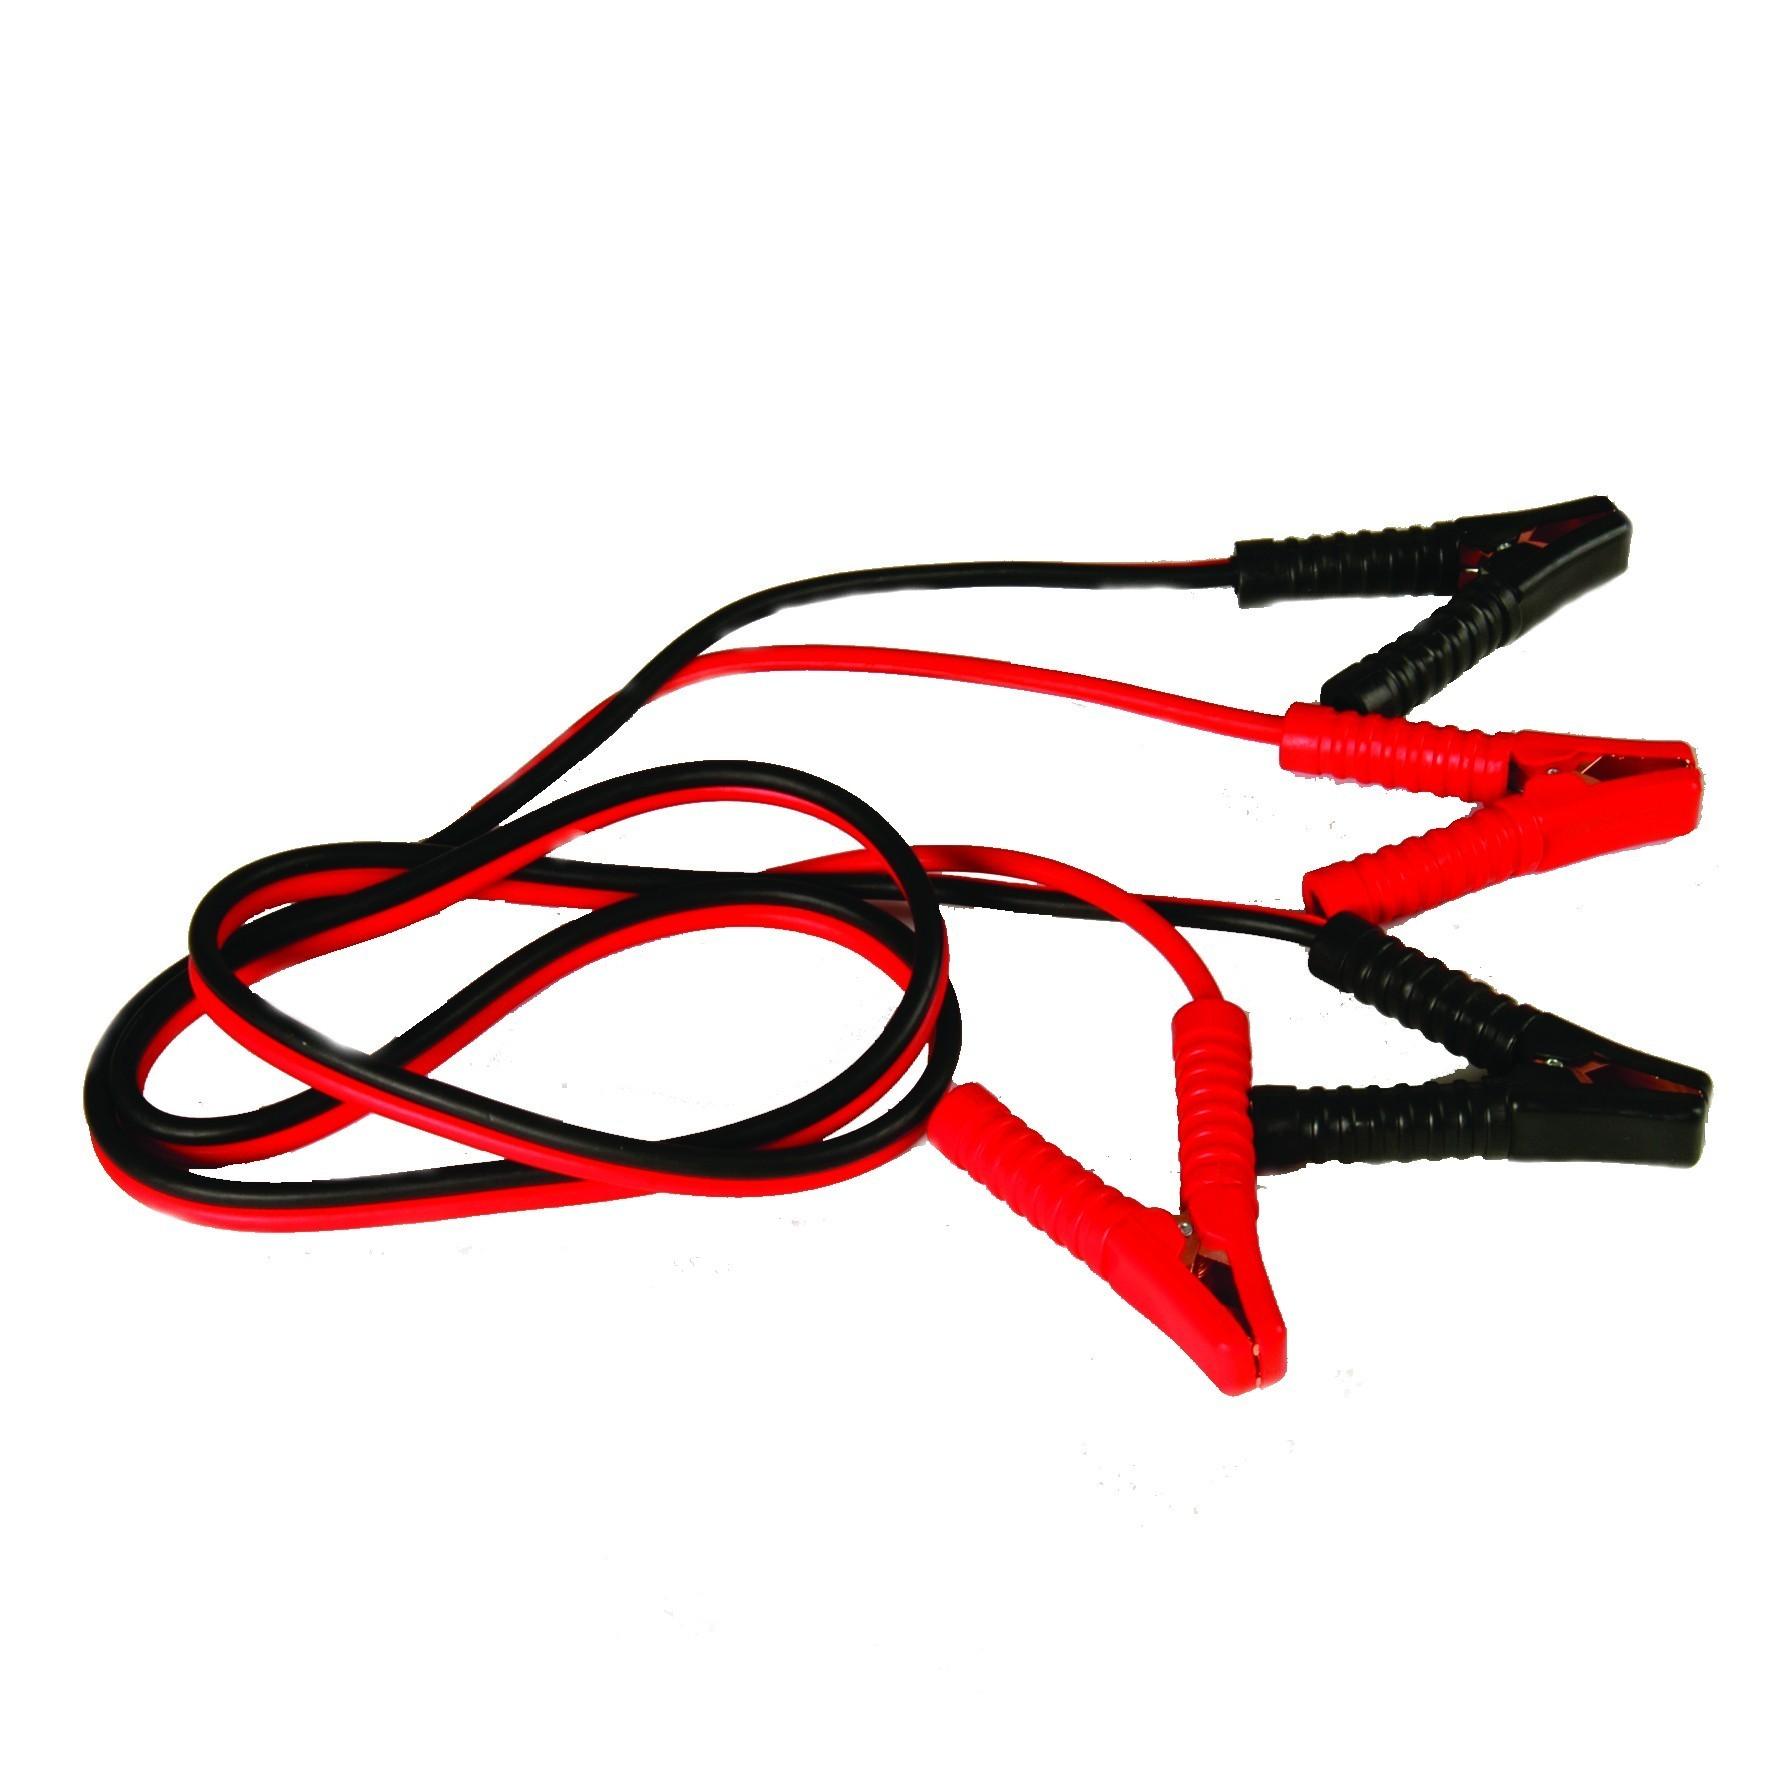 Cabluri Auto de Curent cu Clesti pentru Pornire 1200 amp, Lungime 220cm imagine techstar.ro 2021